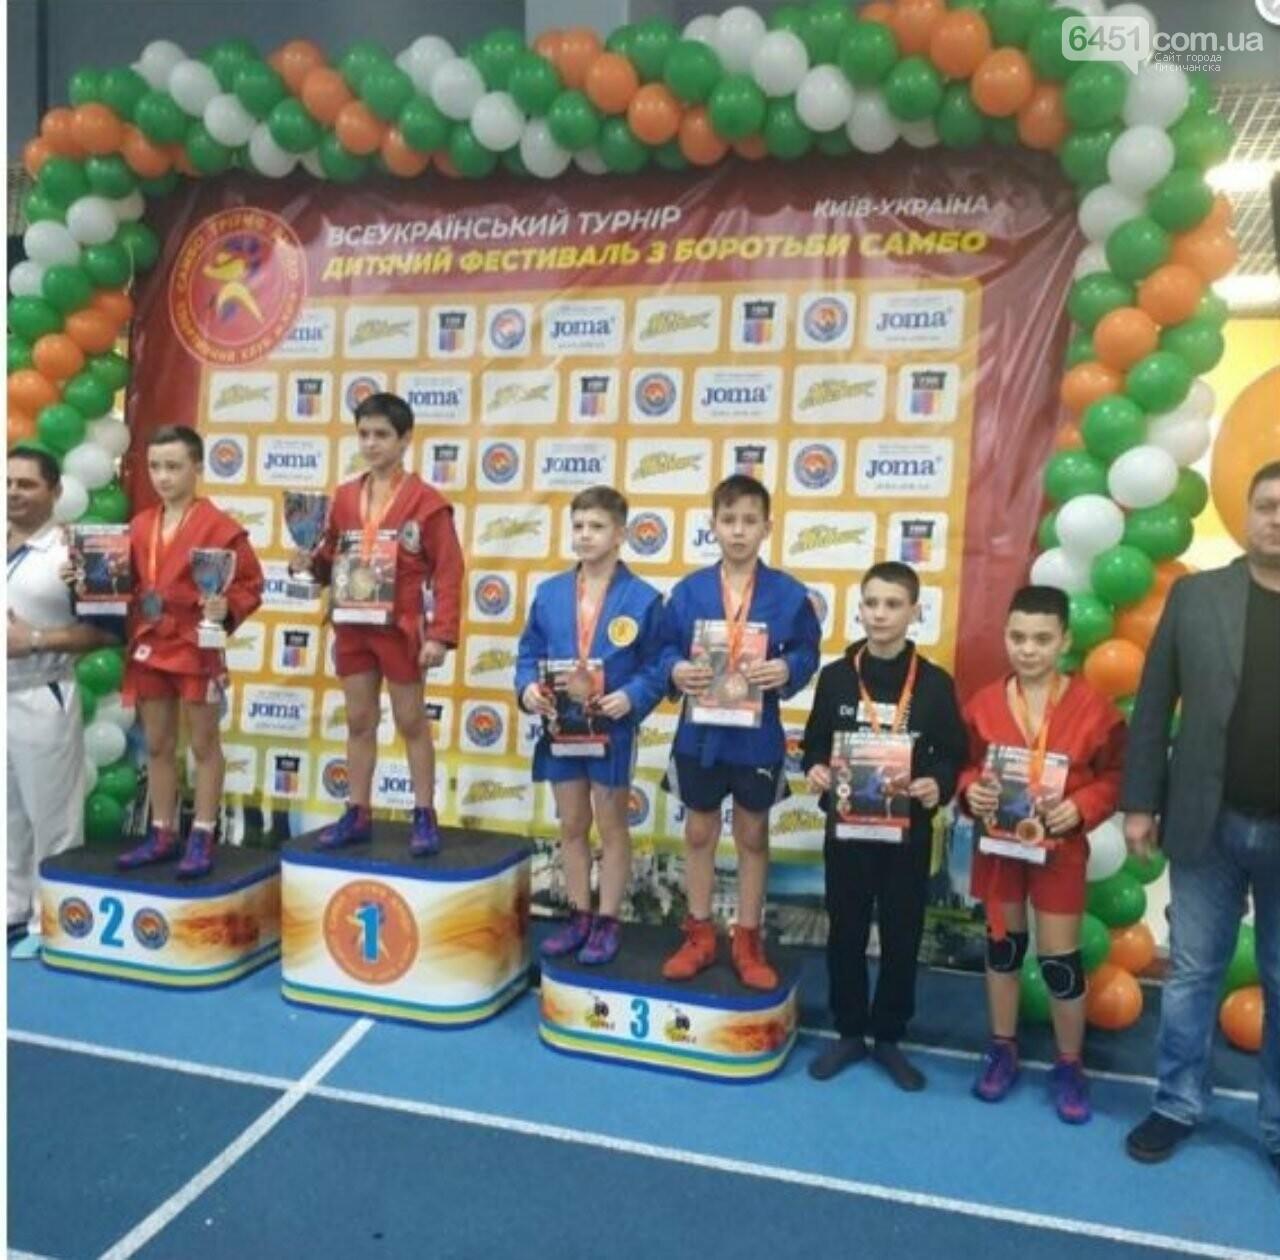 Лисичанские спортсмены - среди призеров открытого Всеукраинского турнира «III Детский Фестиваль самбо», фото-3